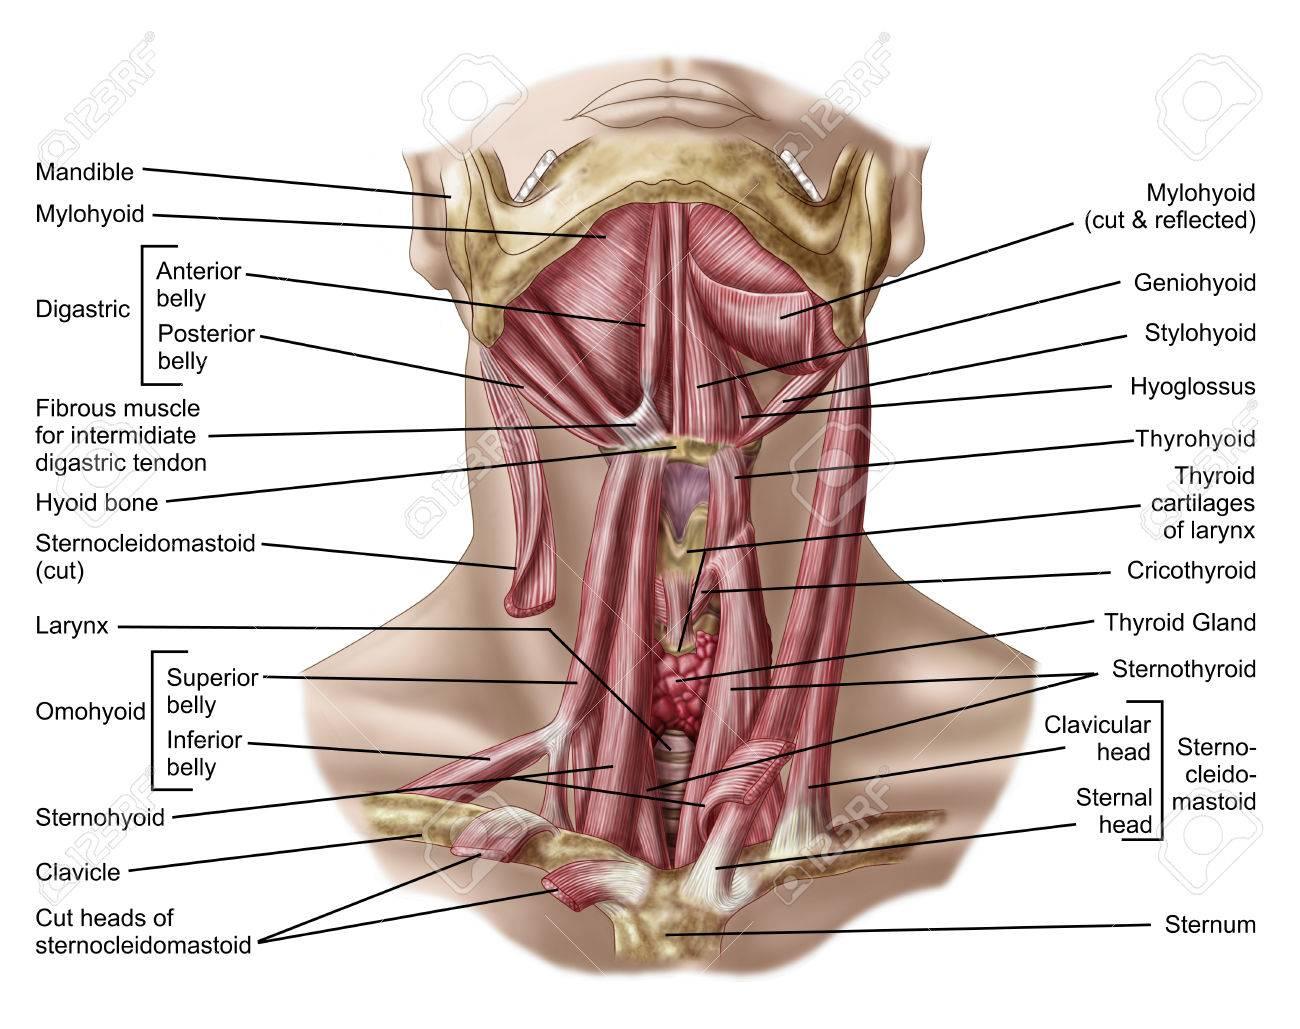 Anatomía Del Hueso Hioides Humano Y Músculos, Vista Anterior. Fotos ...